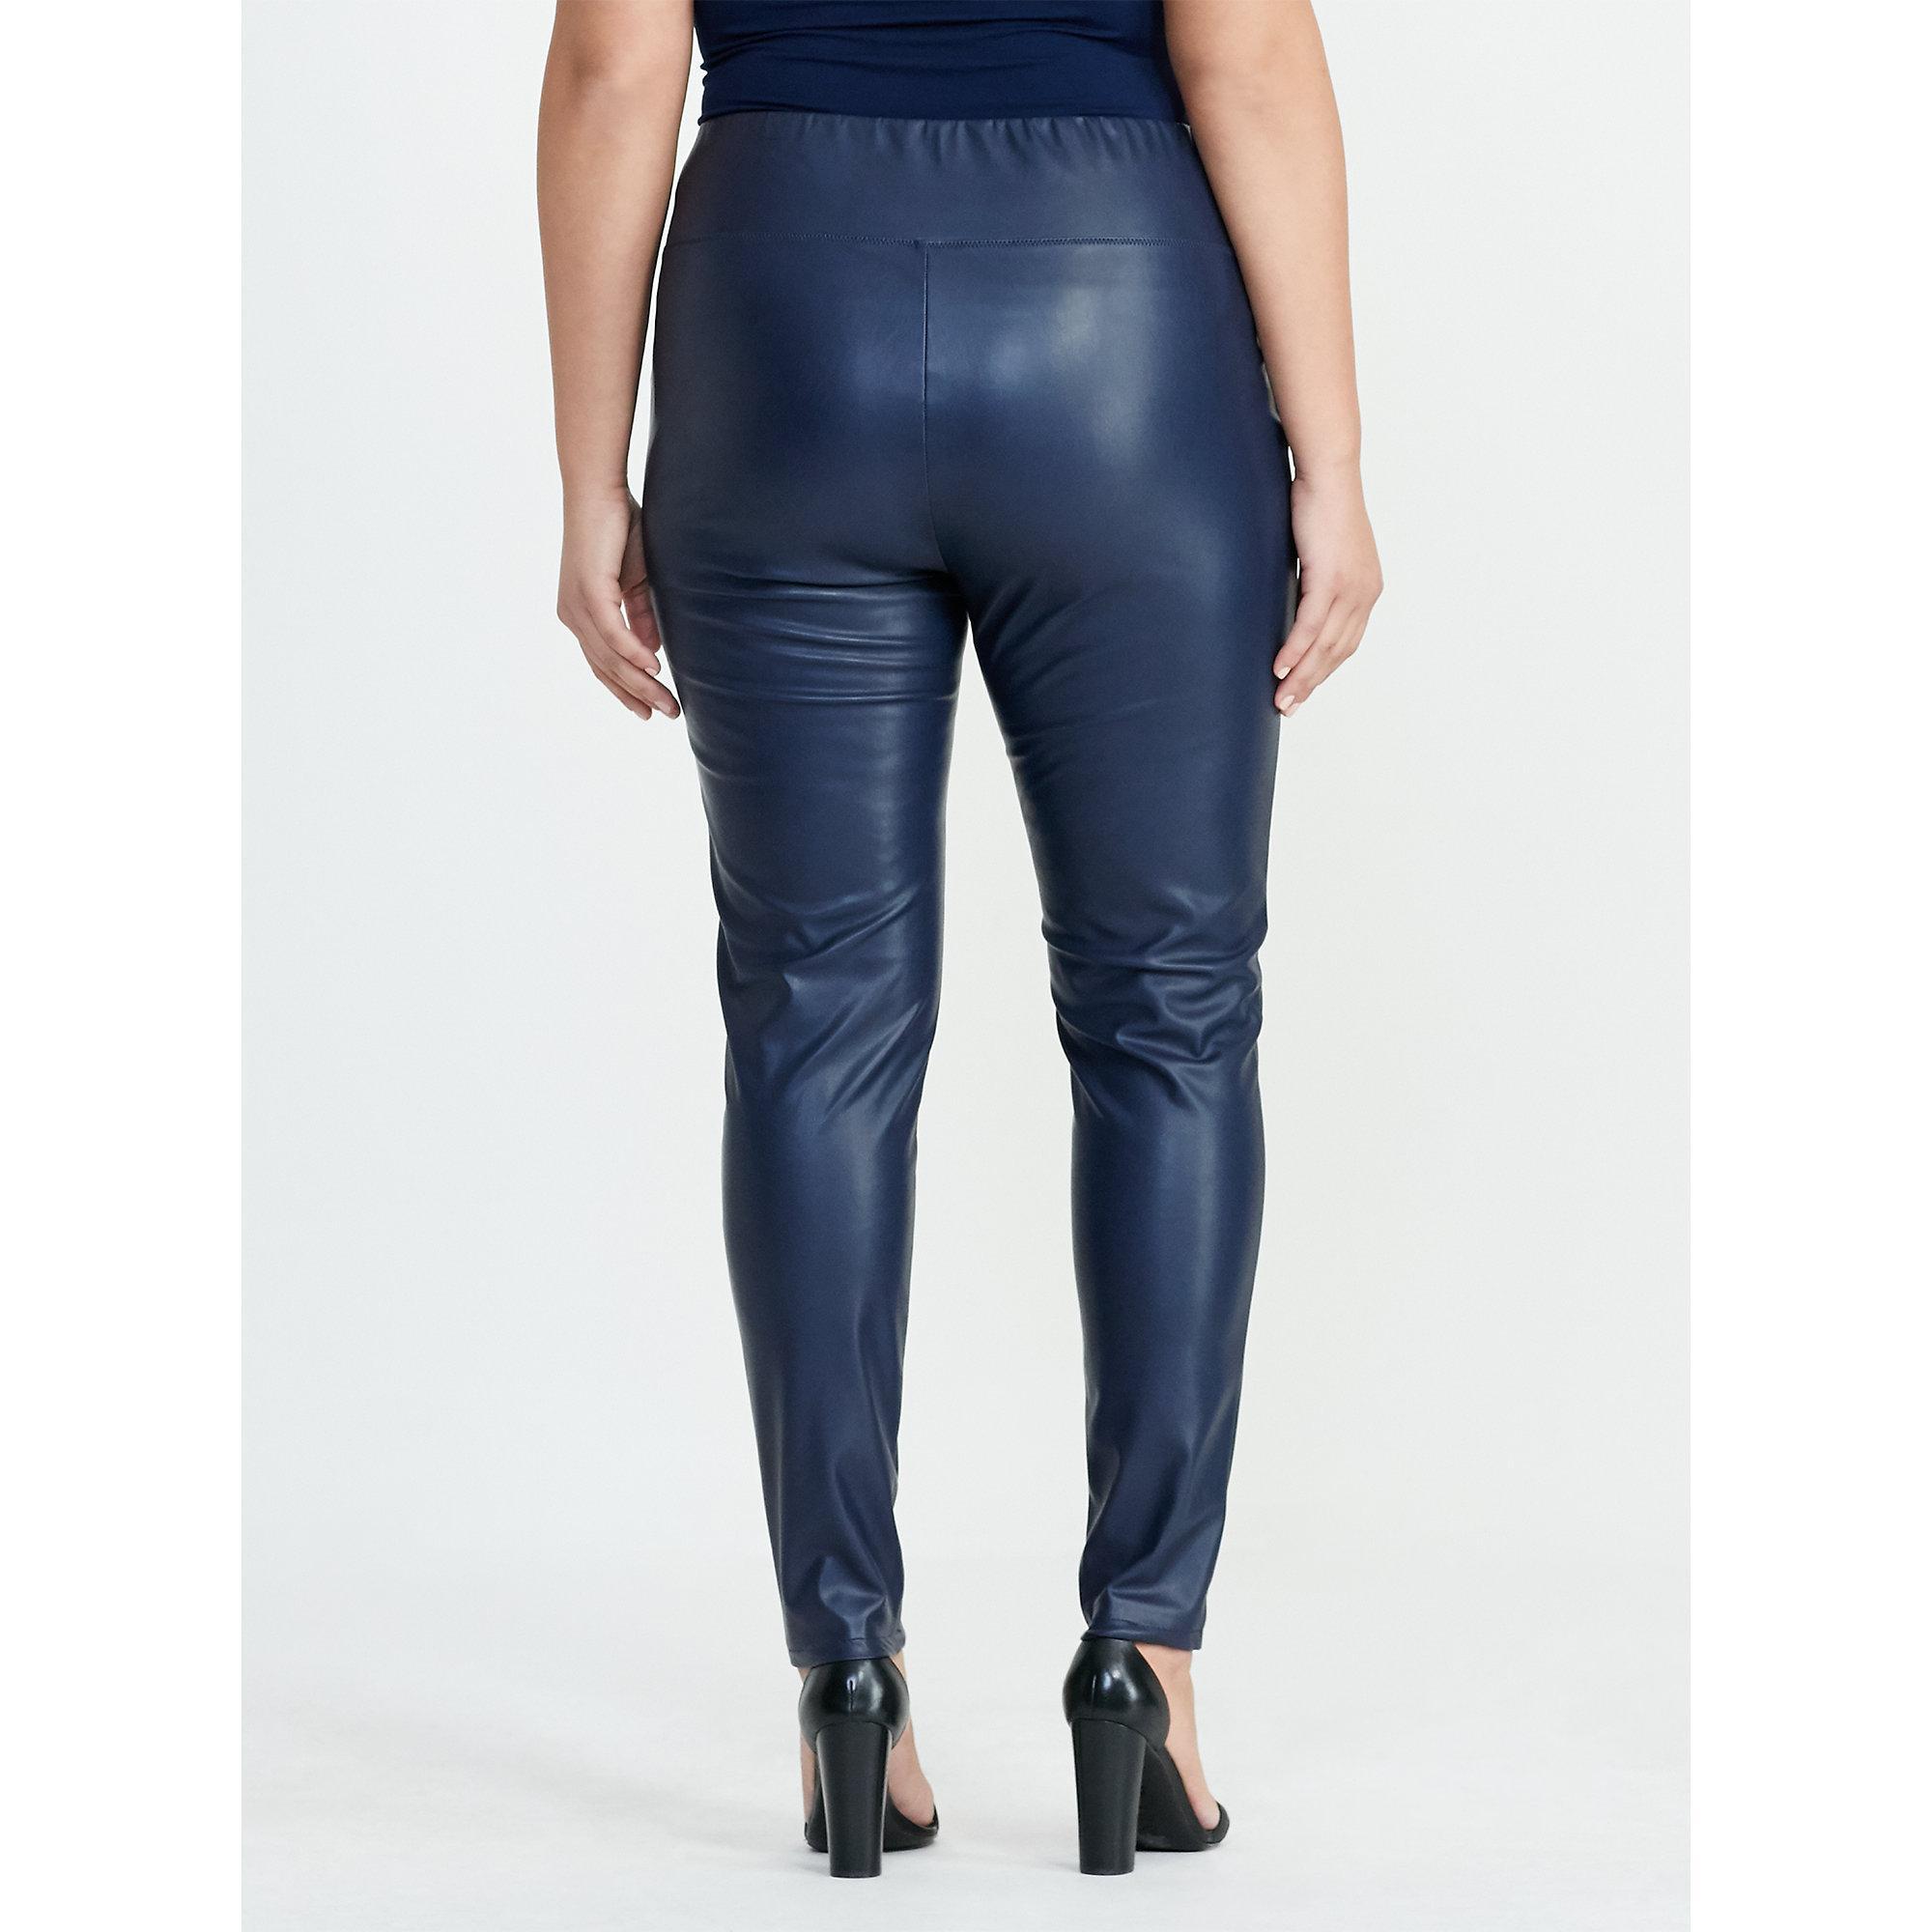 Gallery. Women's Faux Leather Pants Women's Leather Leggings